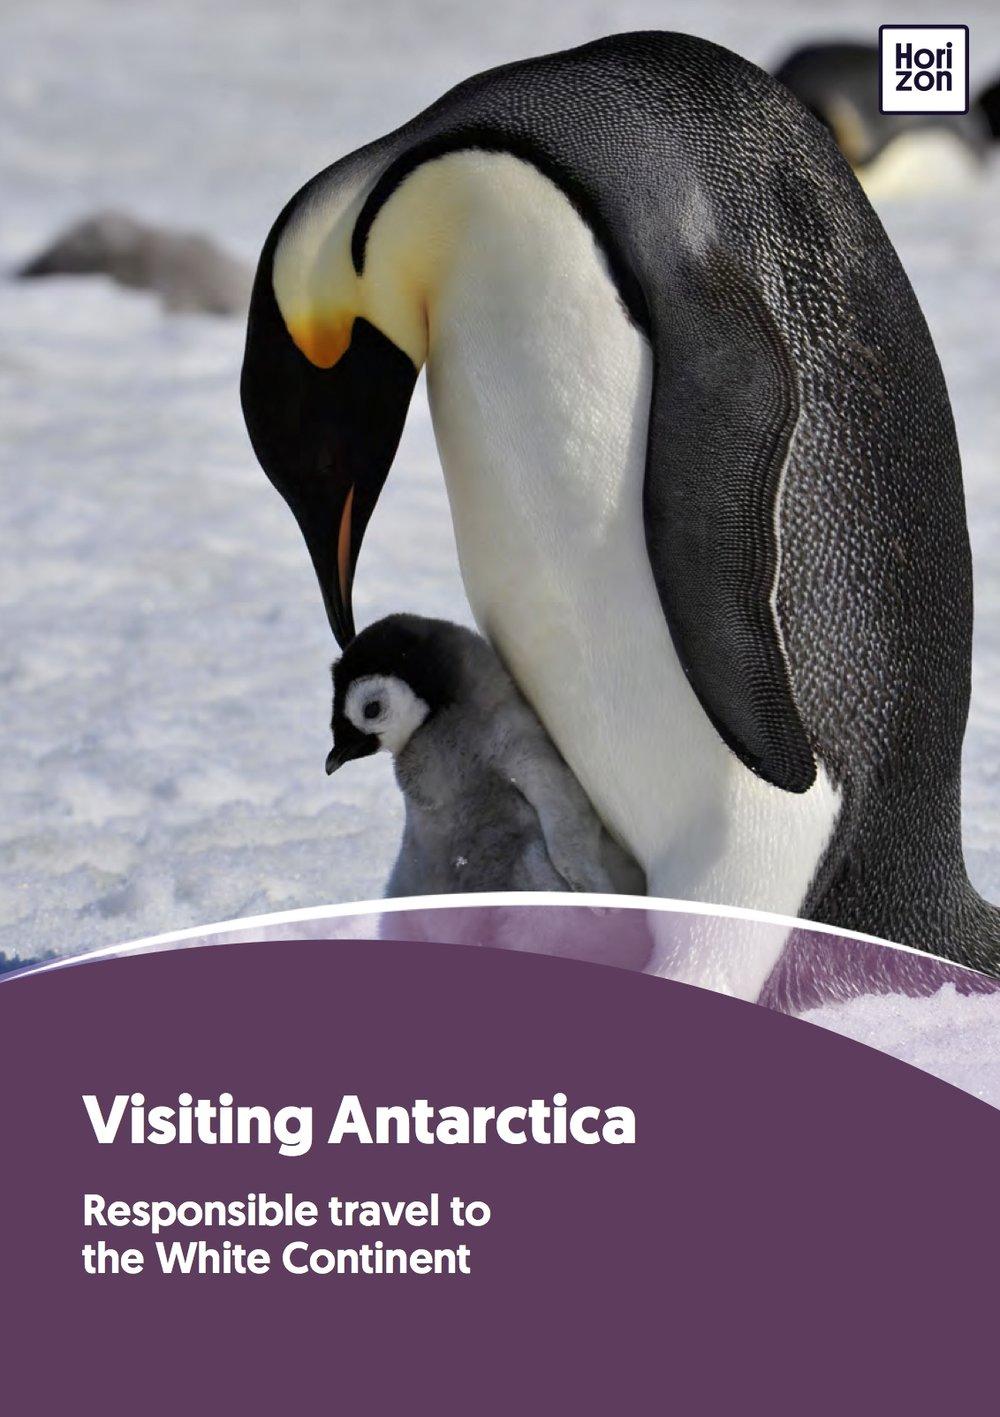 VisitingAntarctica2018 cover.jpg